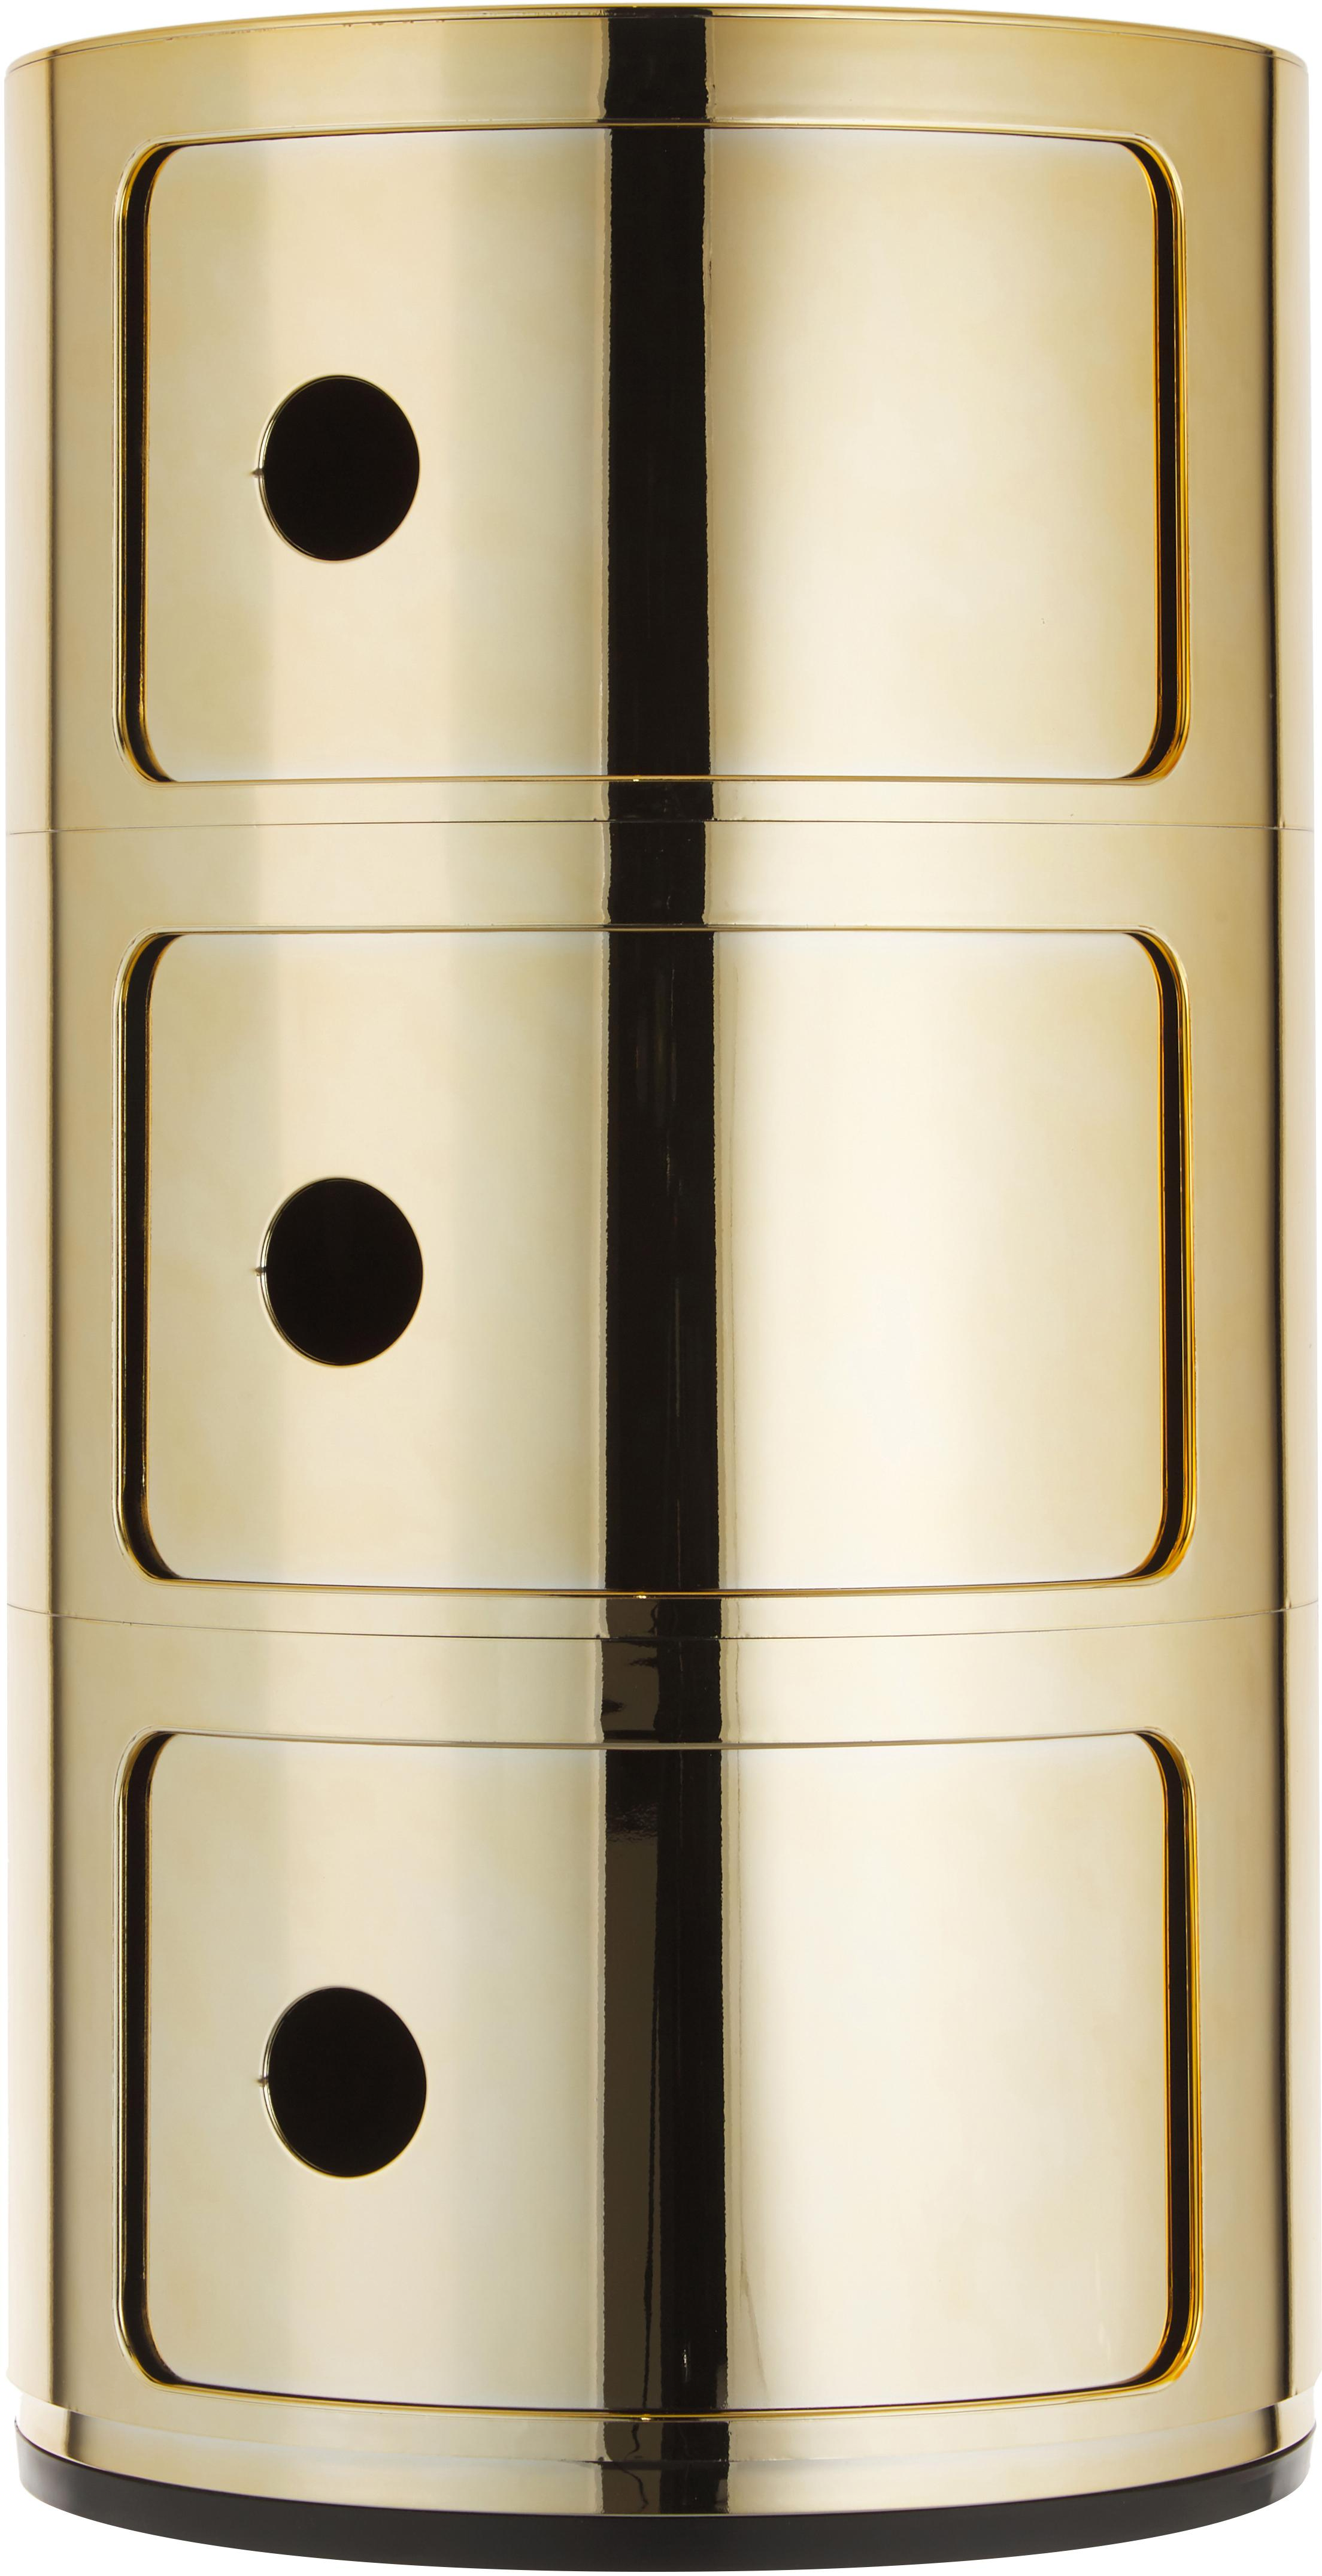 Mesa auxiliar de diseño Componibile, Plástico metalizado, Dorado, Ø 32 x Al 59 cm